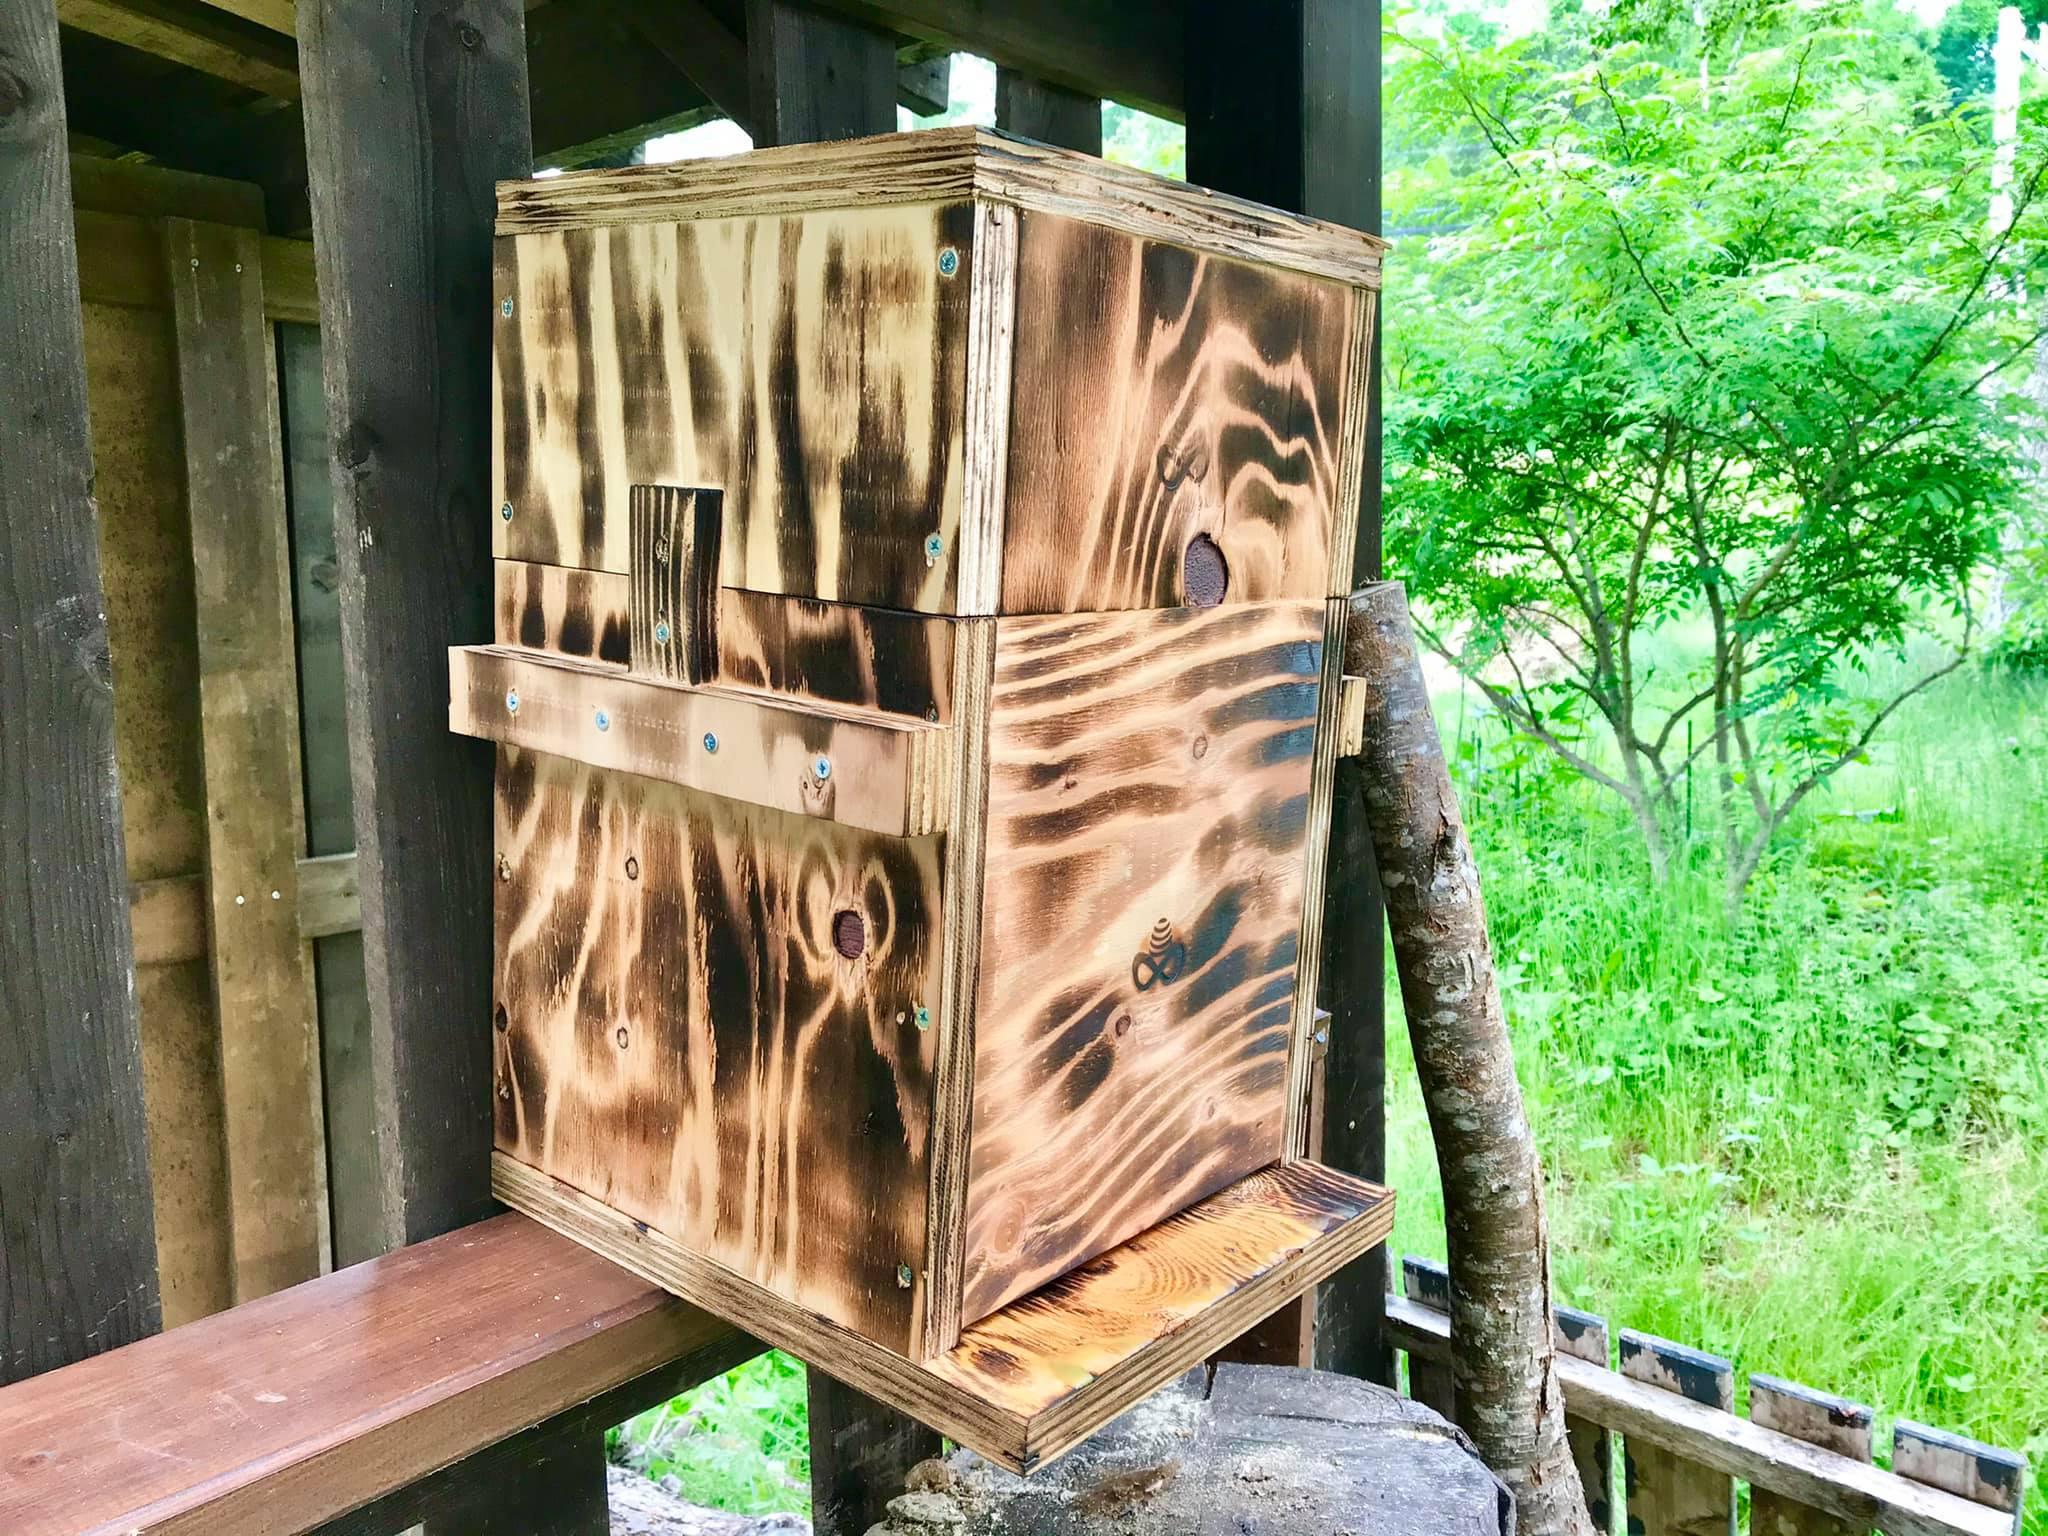 ニホンミツバチの巣箱を設置